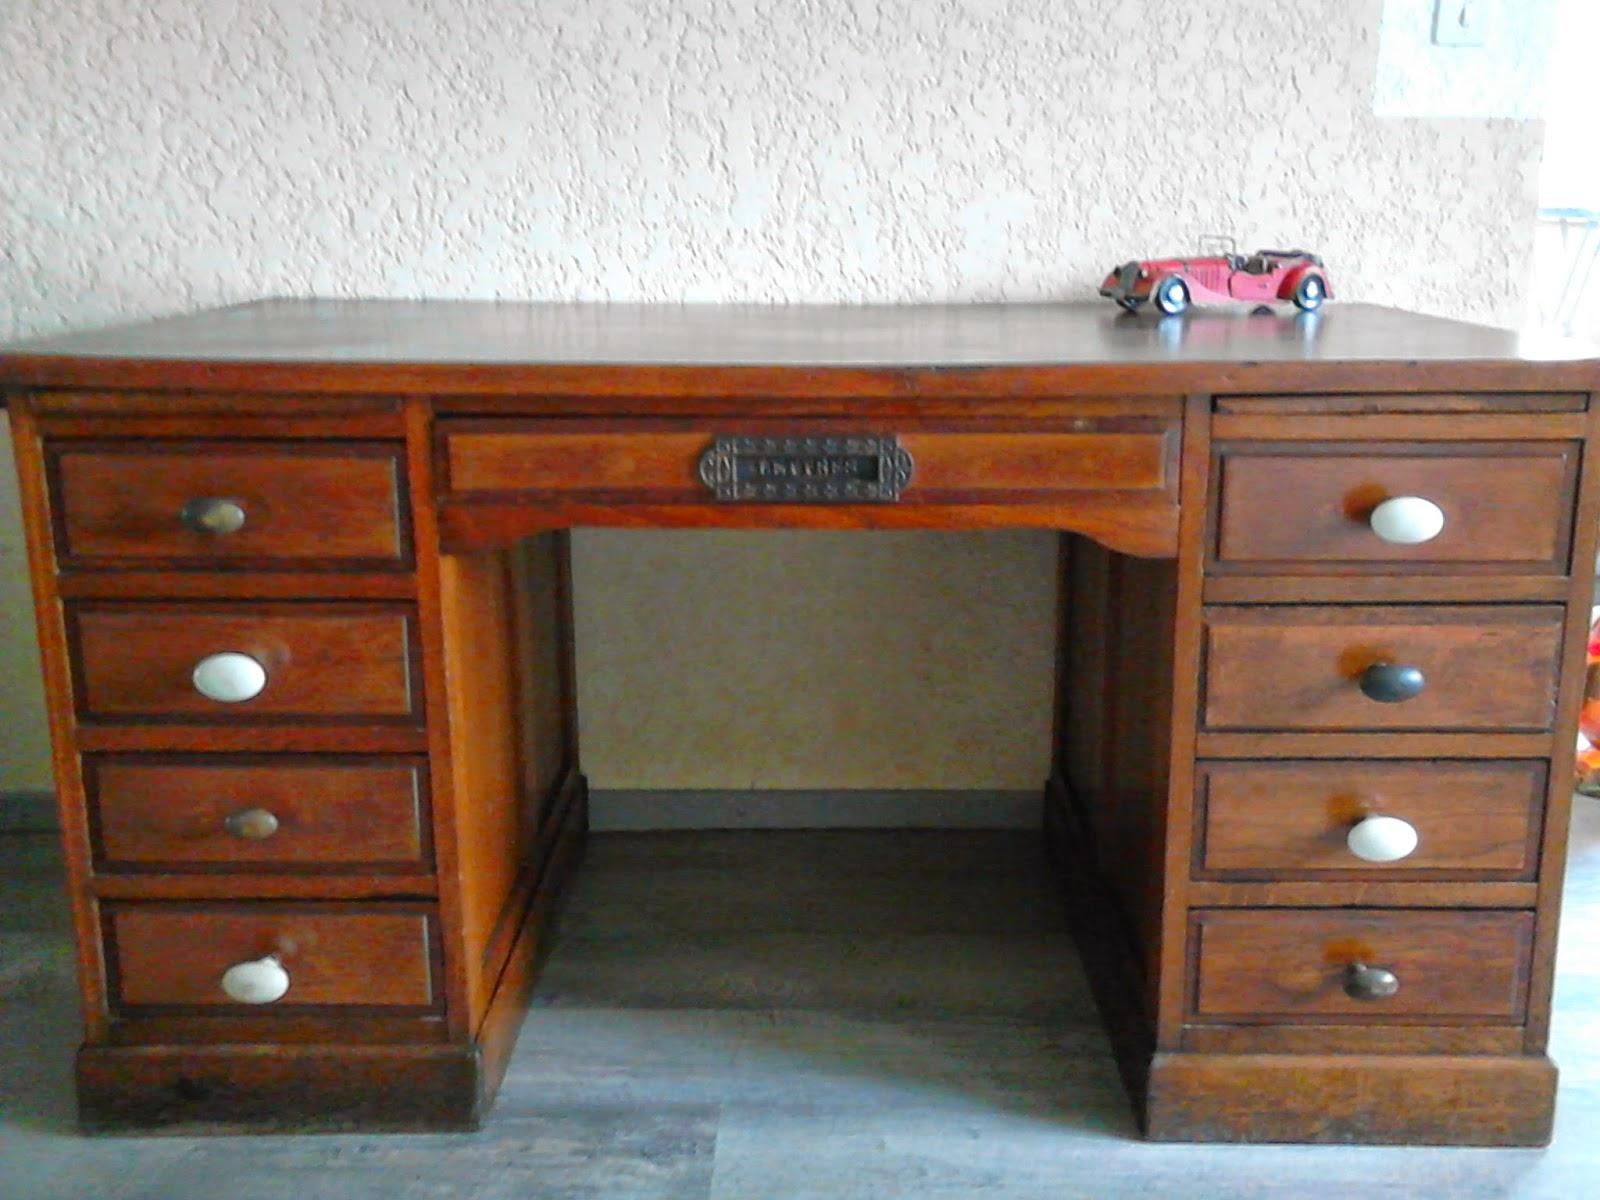 Vieux bureau en bois ancienne table pieds en fonte de machine